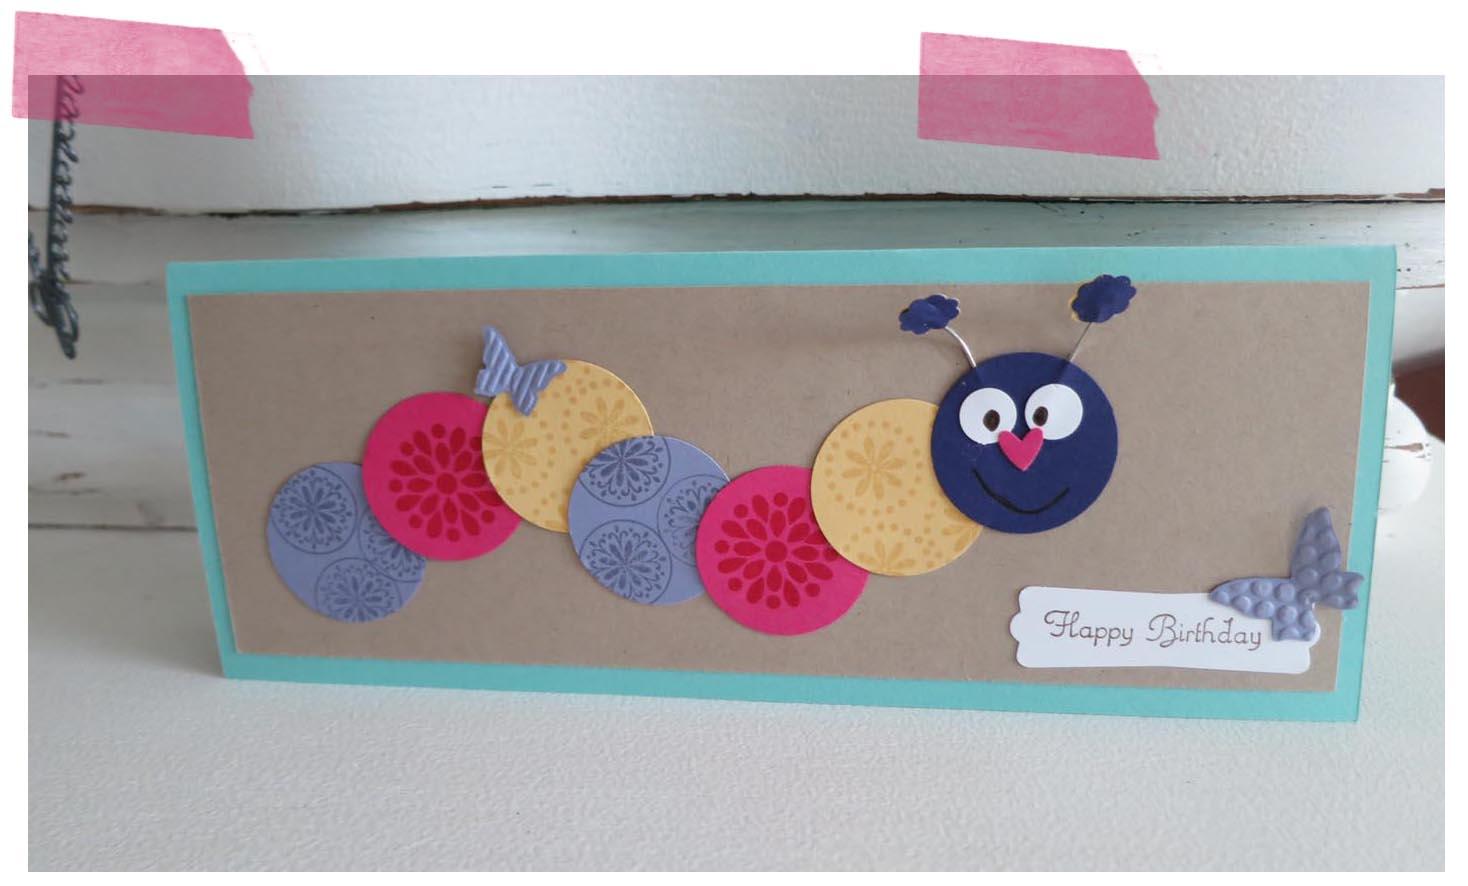 liebste schwester kindergeburtstagskarte. Black Bedroom Furniture Sets. Home Design Ideas